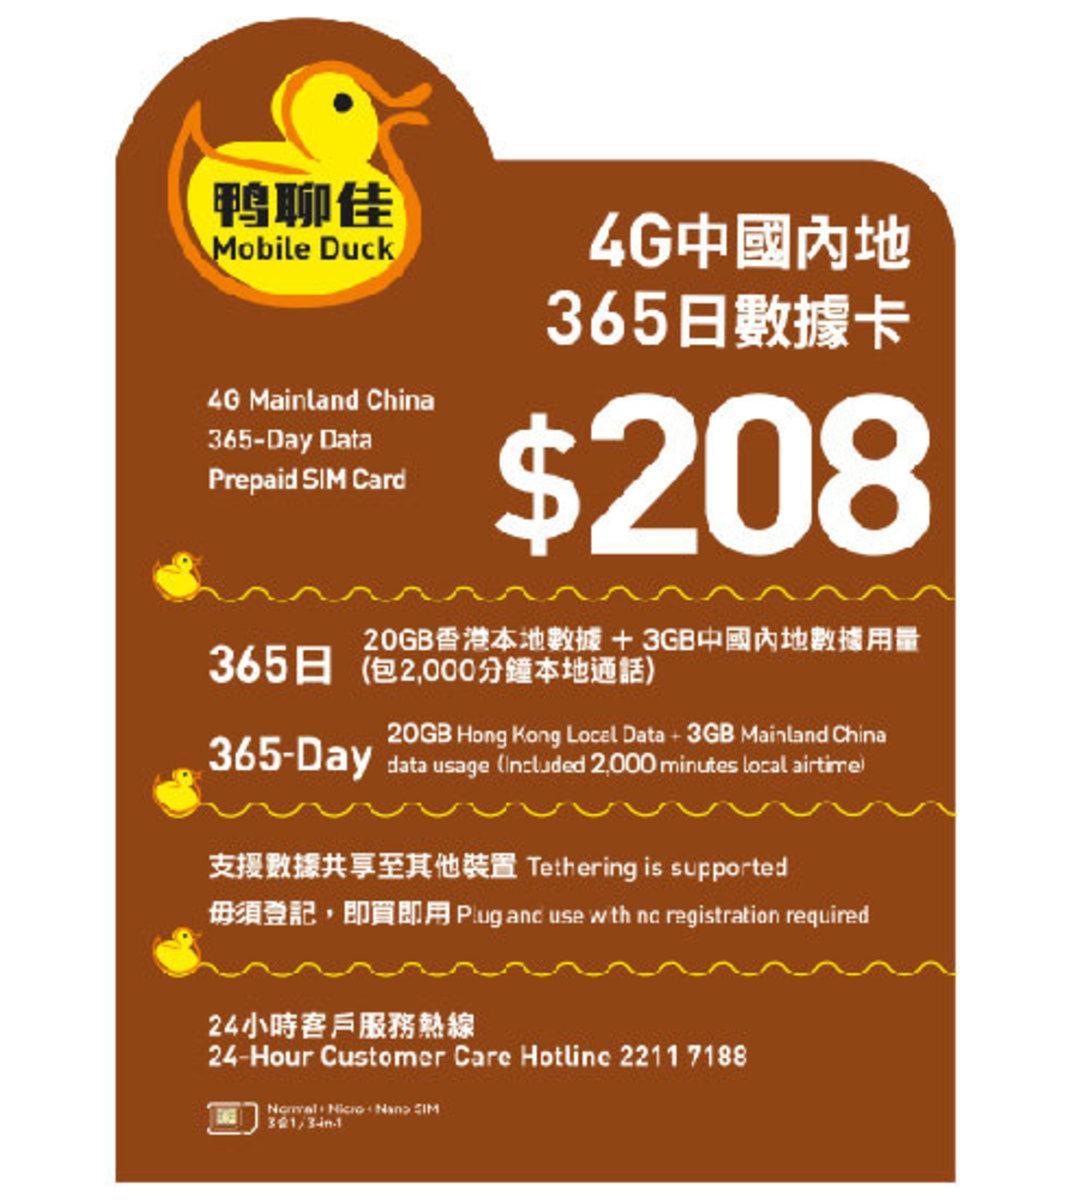 香港 365日4G LTE 20GB香港及3GB中國數據 2000分鐘香港 電話卡 上網卡 數據卡 SIM 通話卡